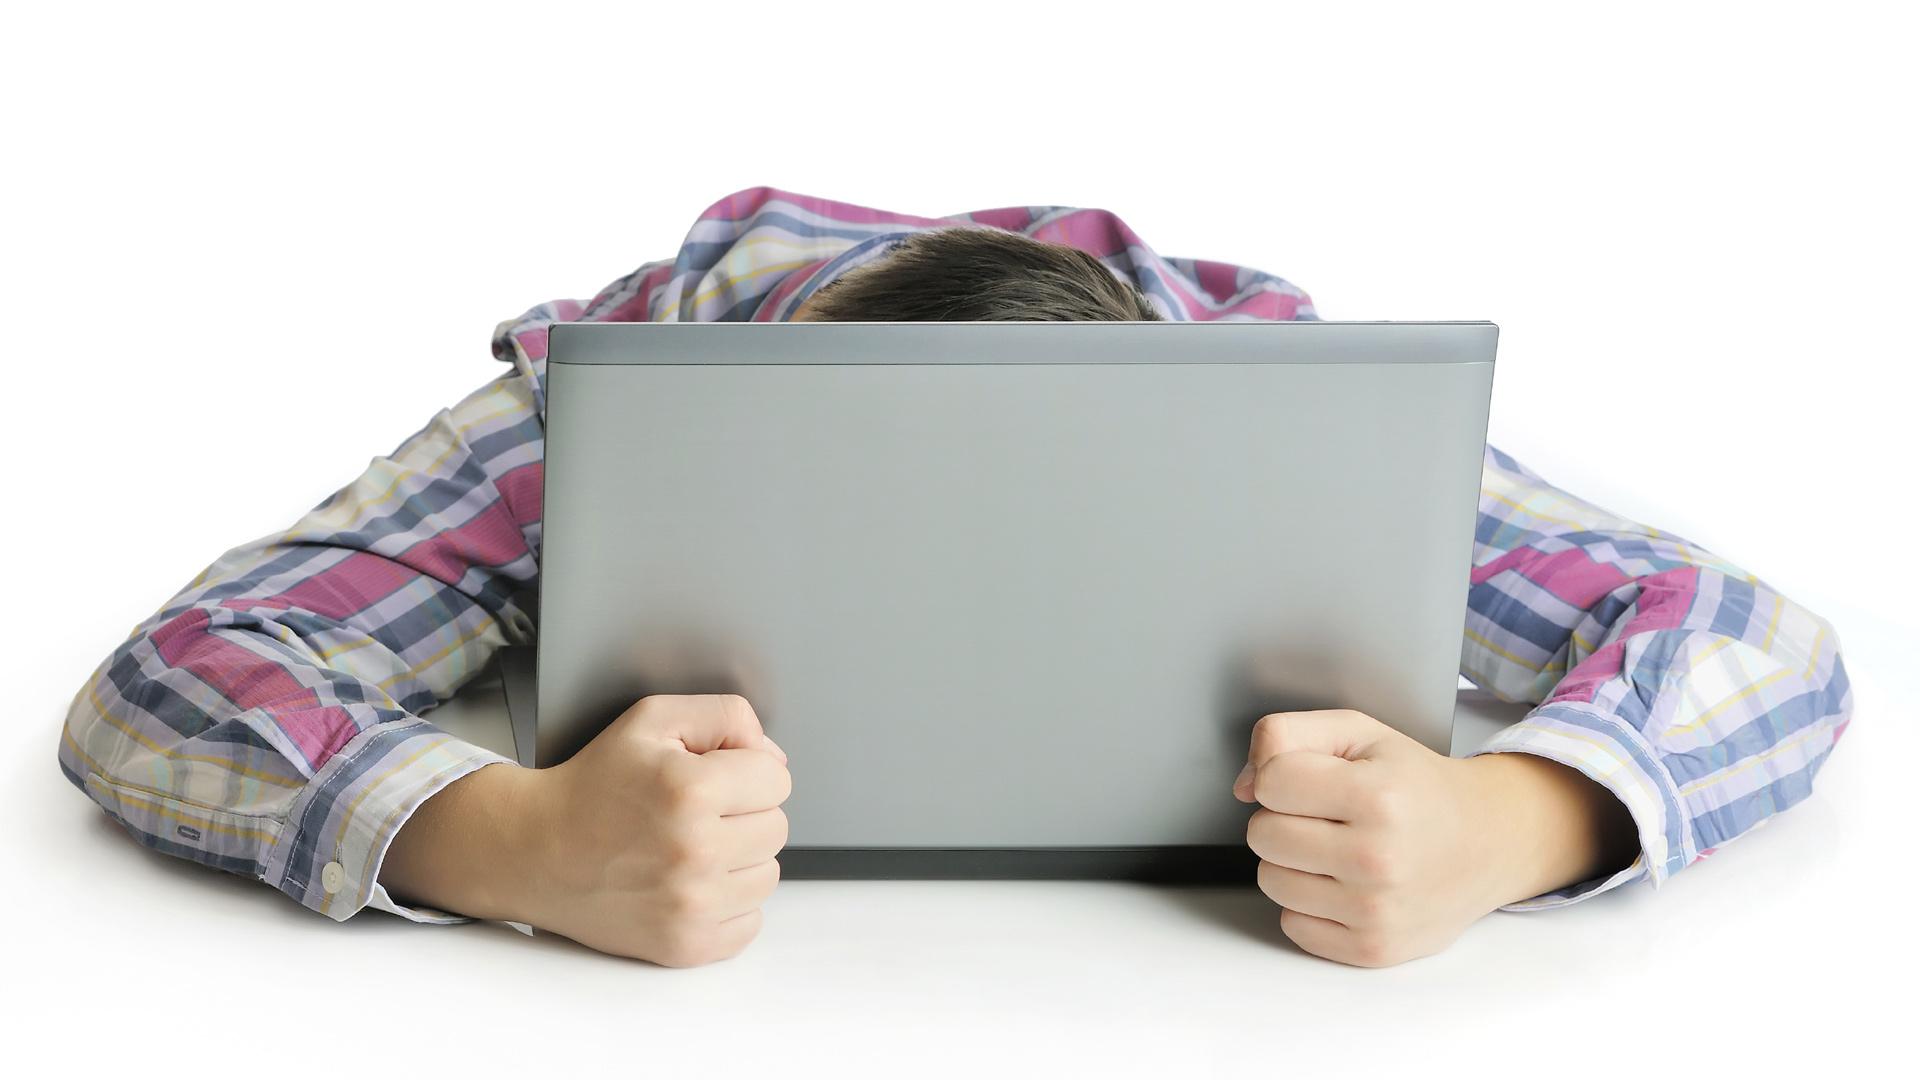 No poseer una conexión estable impide el desarrollo intelectual, al imposibilitar la obtención de información o videos educativos